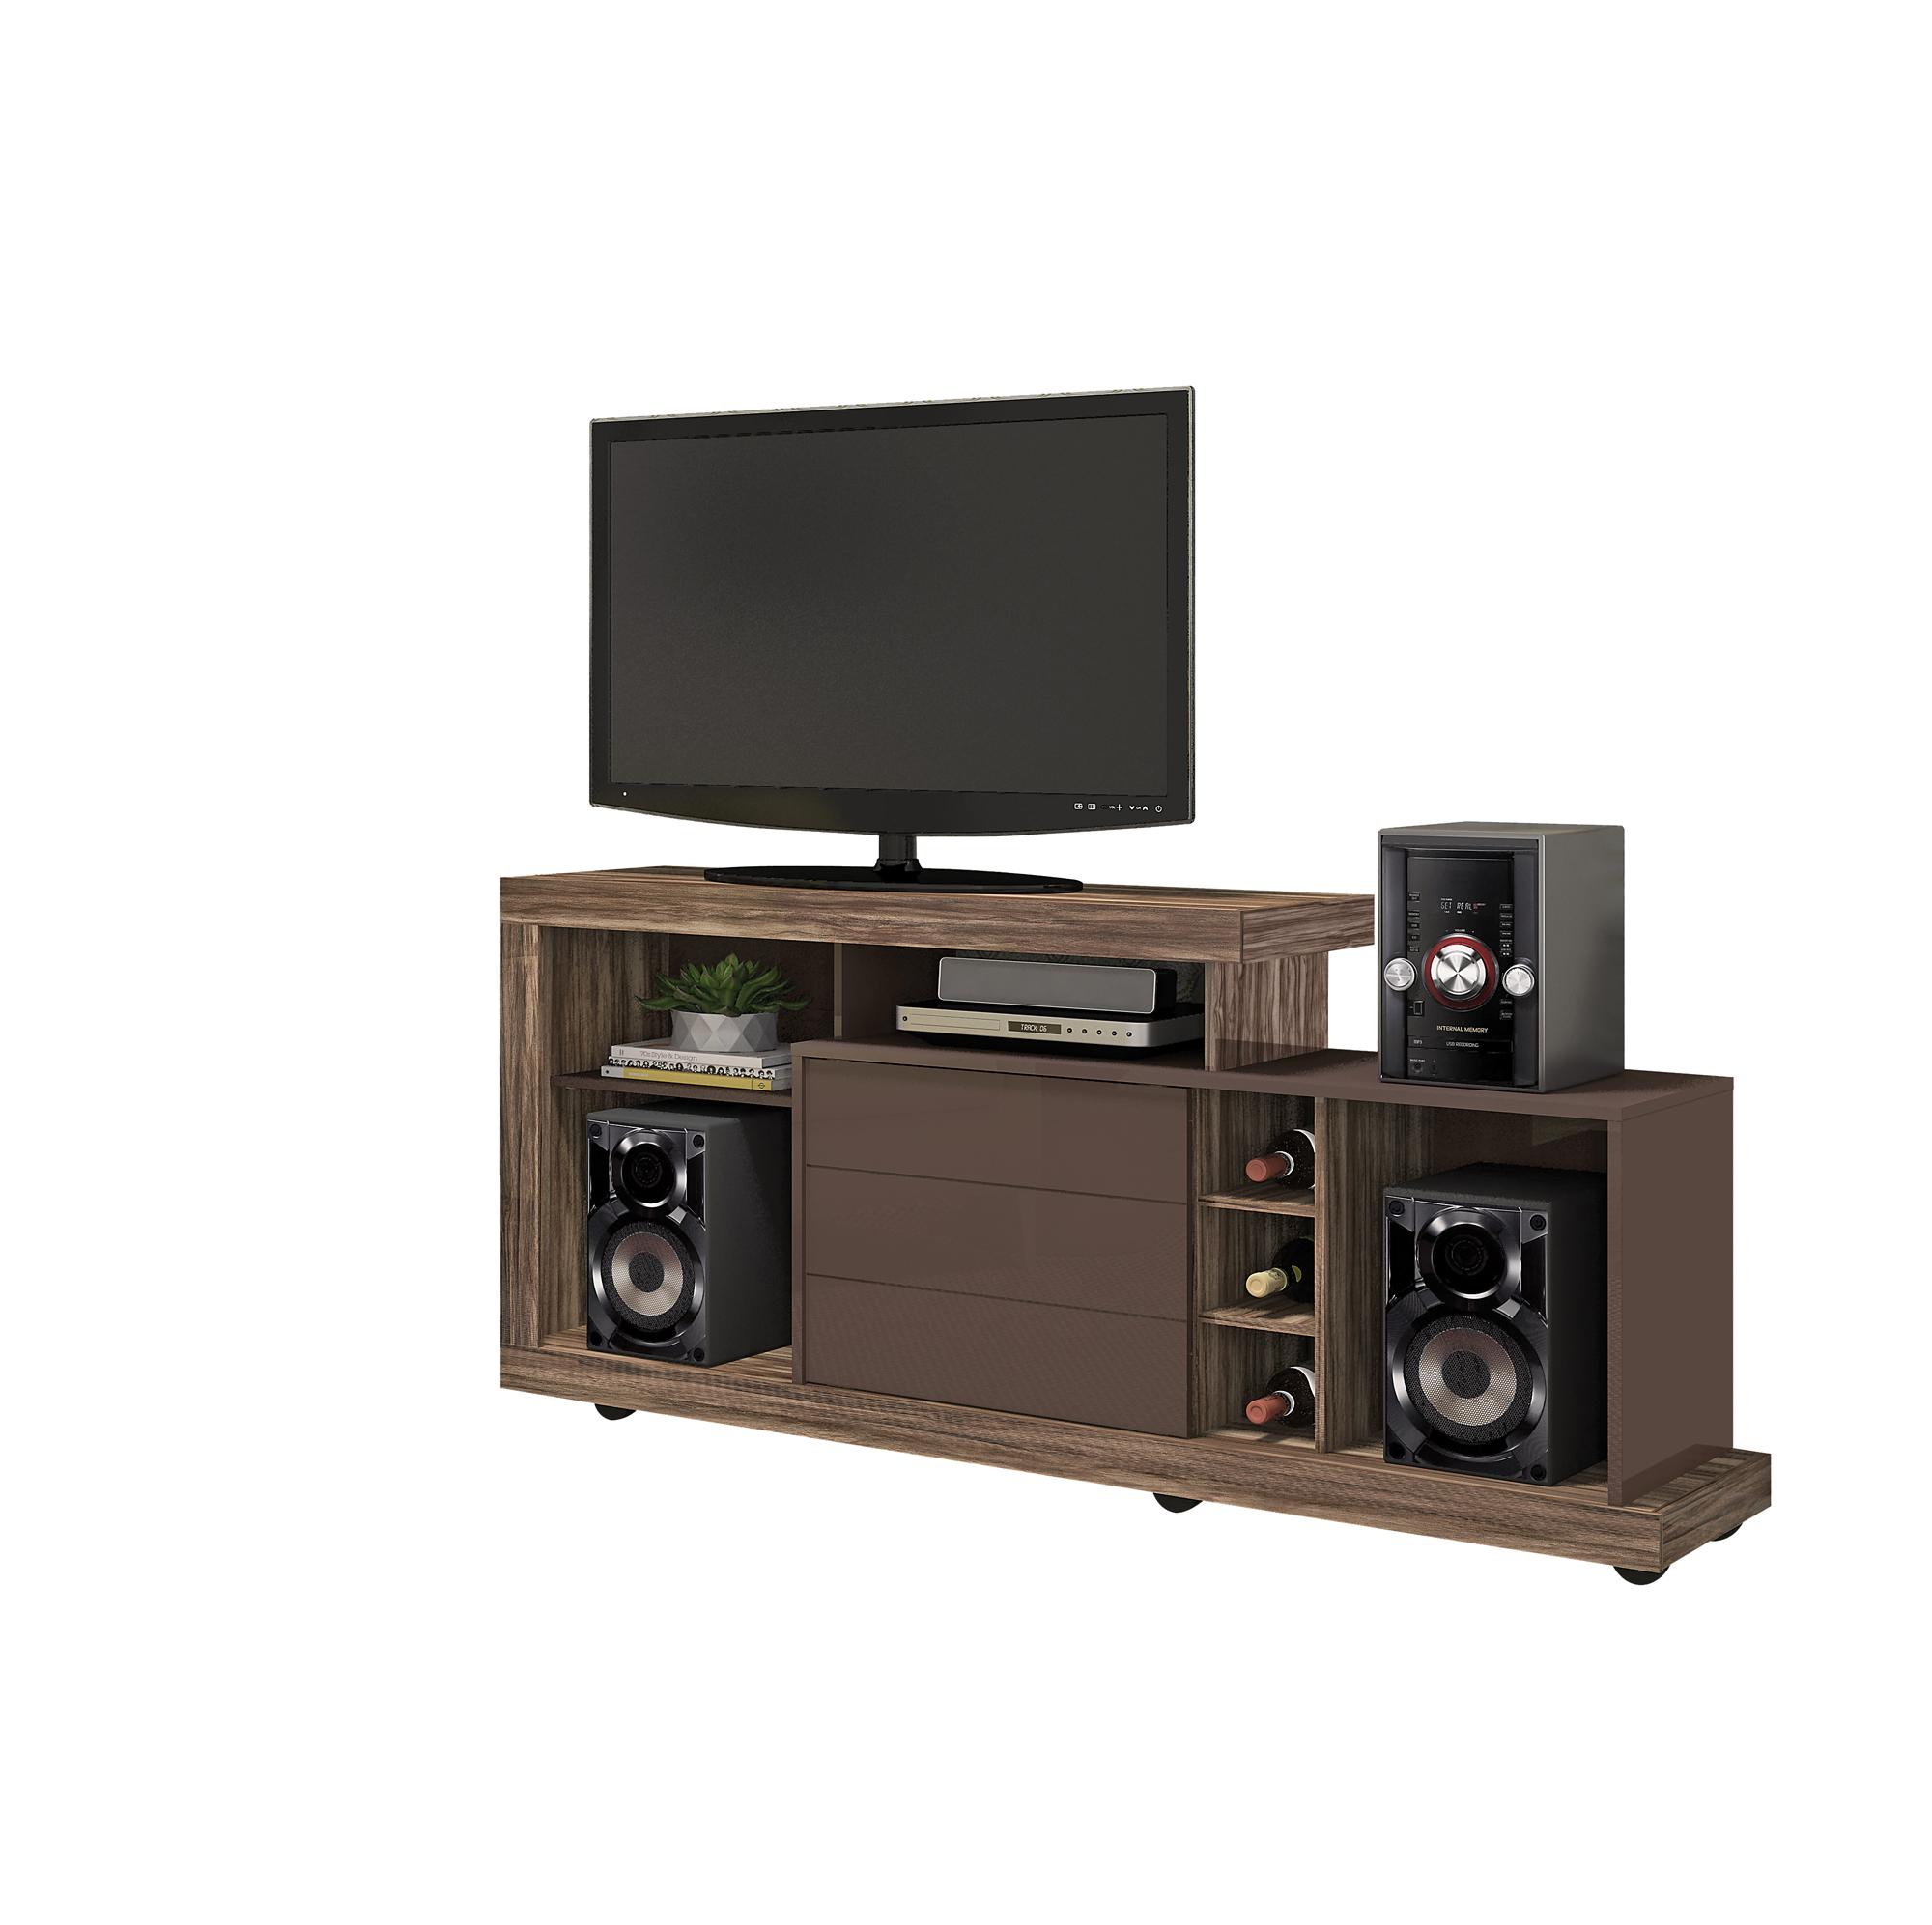 Mueble Para Tv Pantalla Equipo De Sonido Porto Cod 8105 Labnash # Muebles Equipo De Sonido